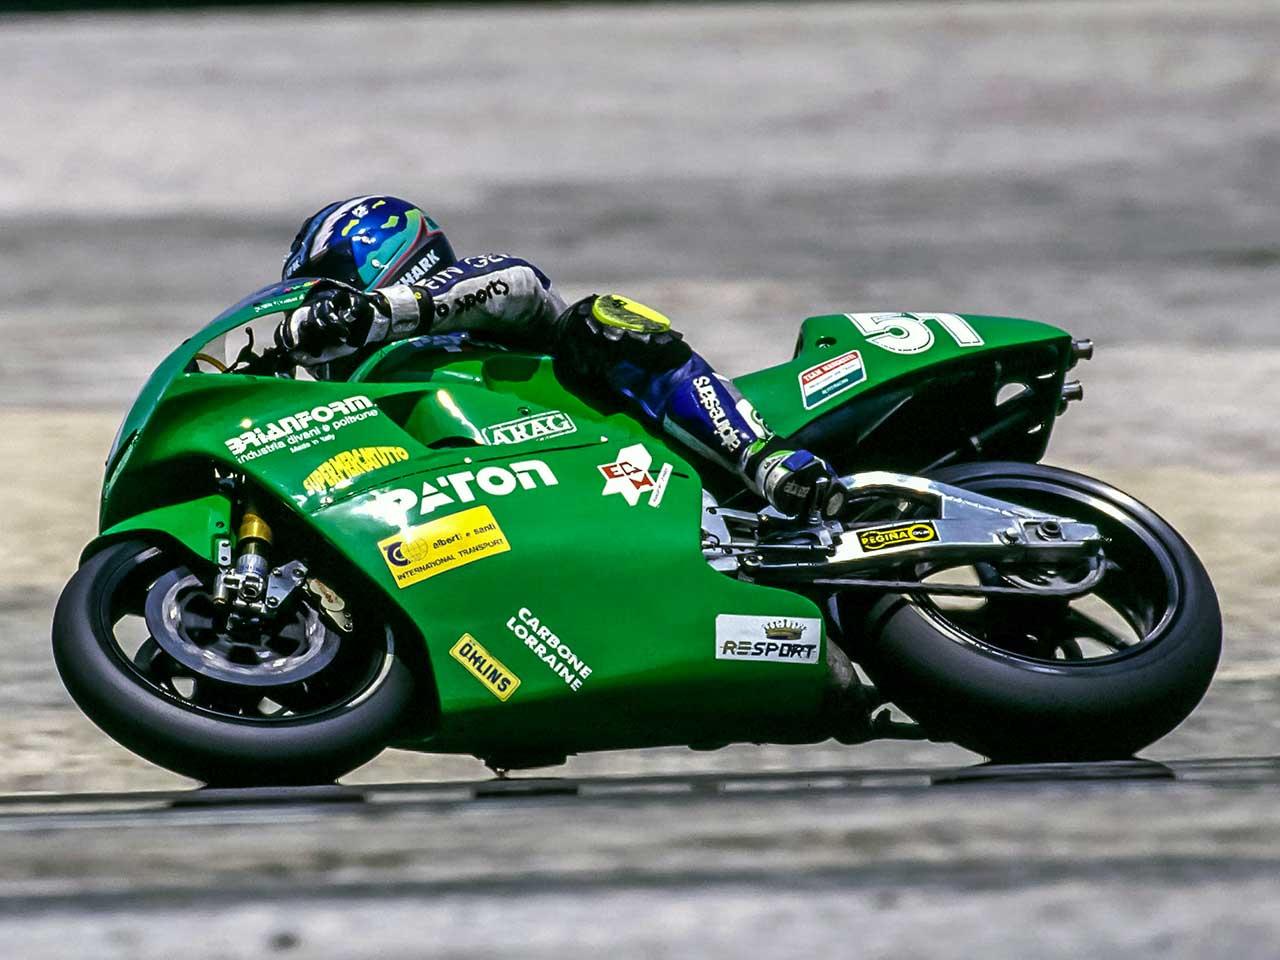 Paton_Storia-Anni90_Jean-Pierre-Jeandat_Campionato-Mondiale-500cc_1996